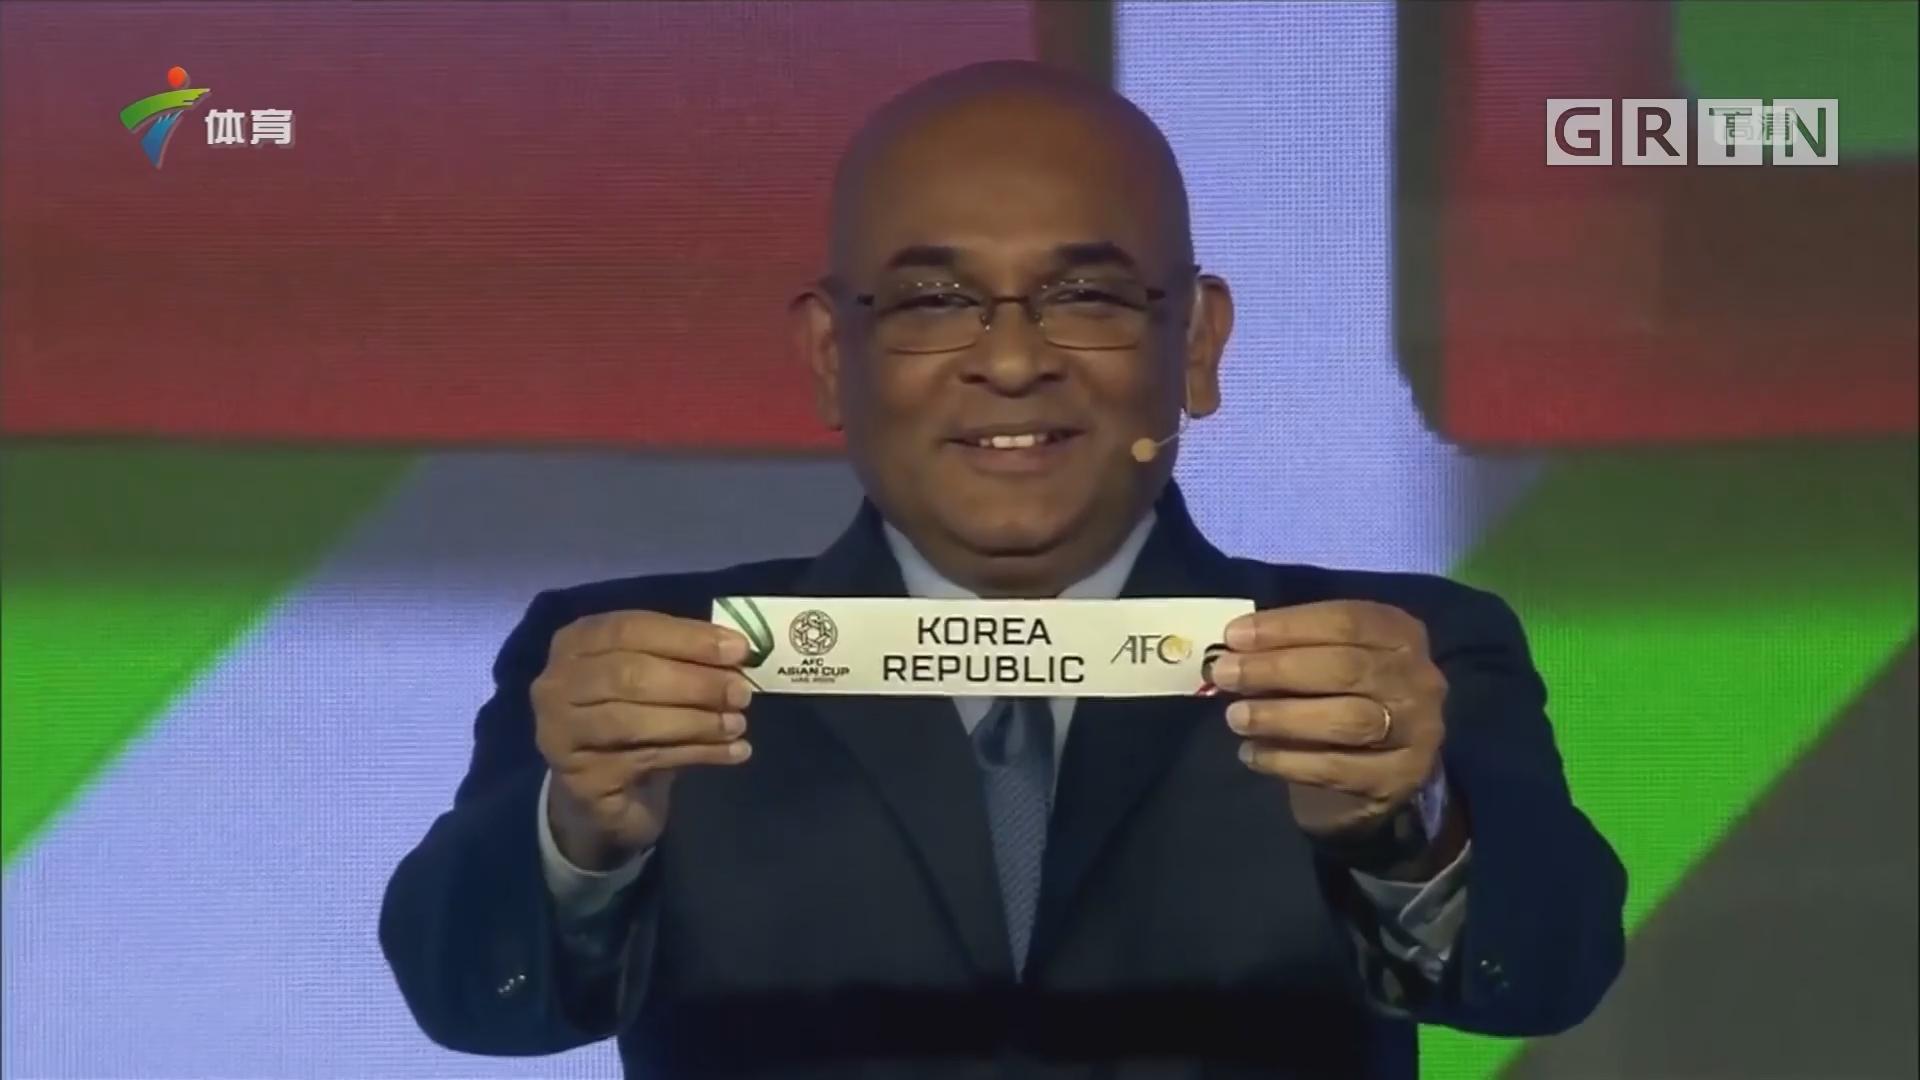 2019亞洲杯抽簽 國足與韓國、菲律賓同組